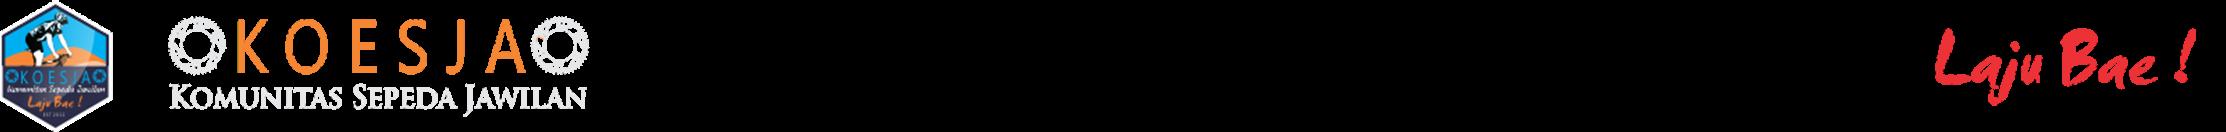 KOESJA